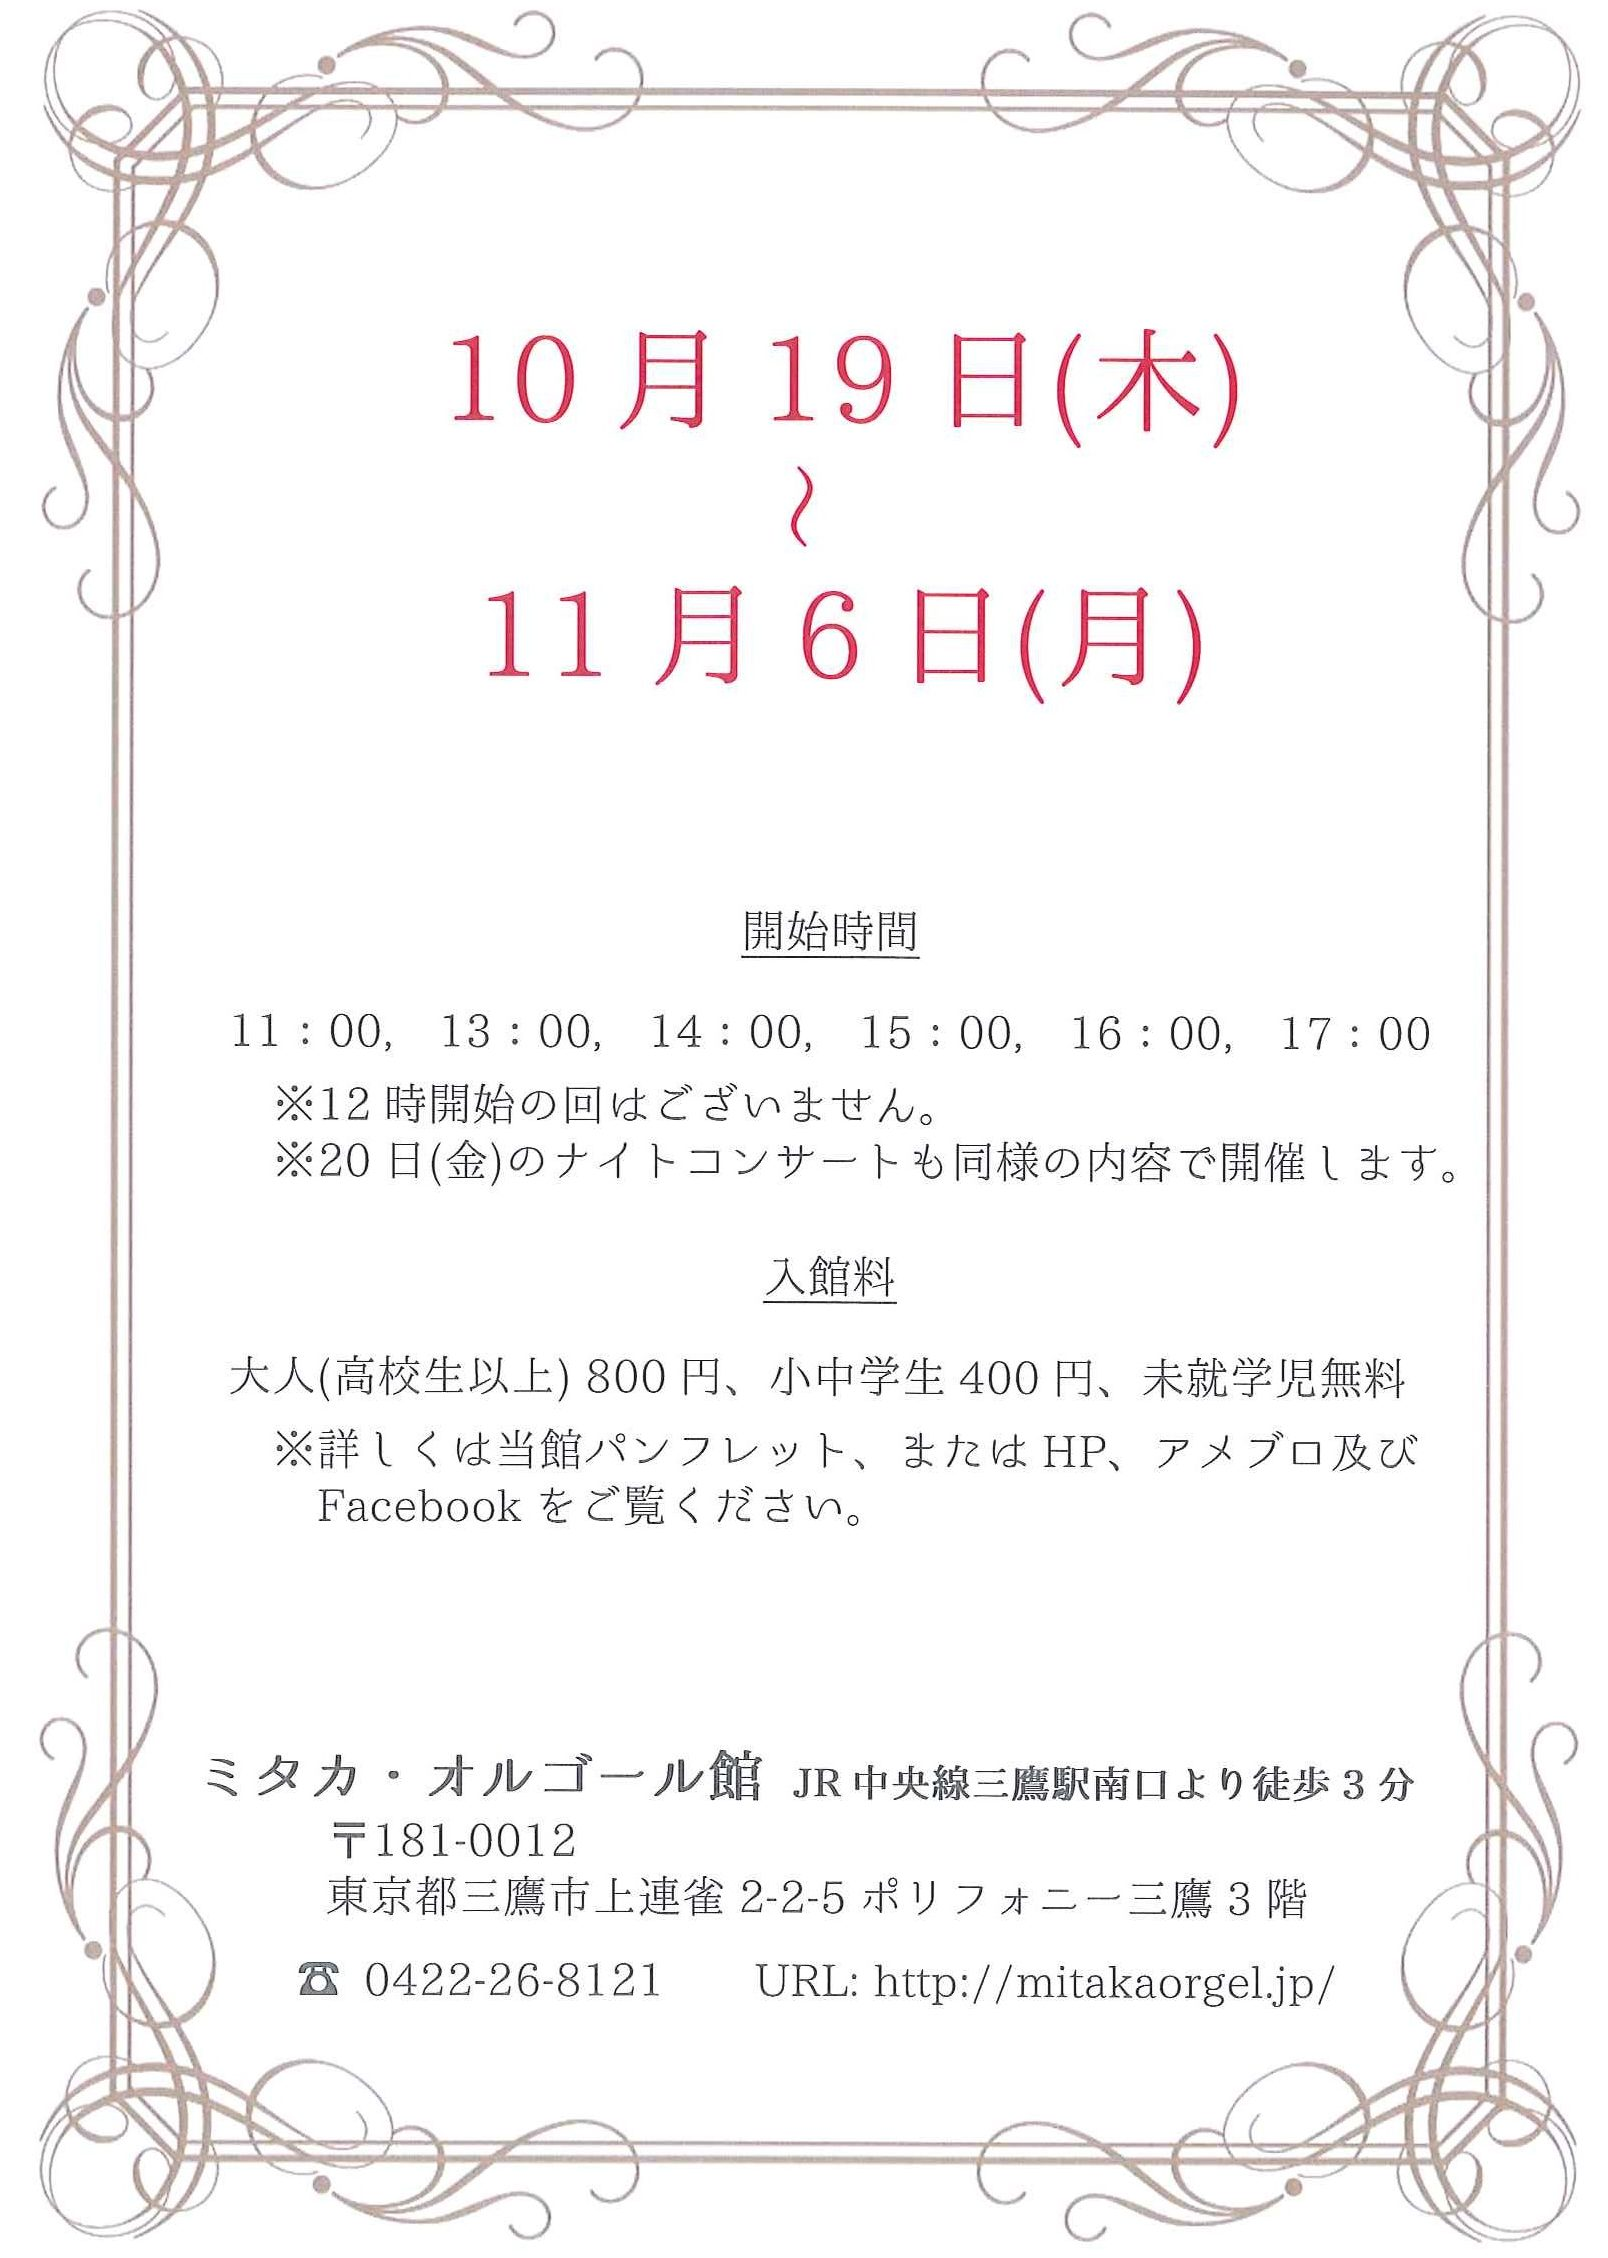 期間10/19~11/6、開始時間11時、13時、14時、15時、16時、17時